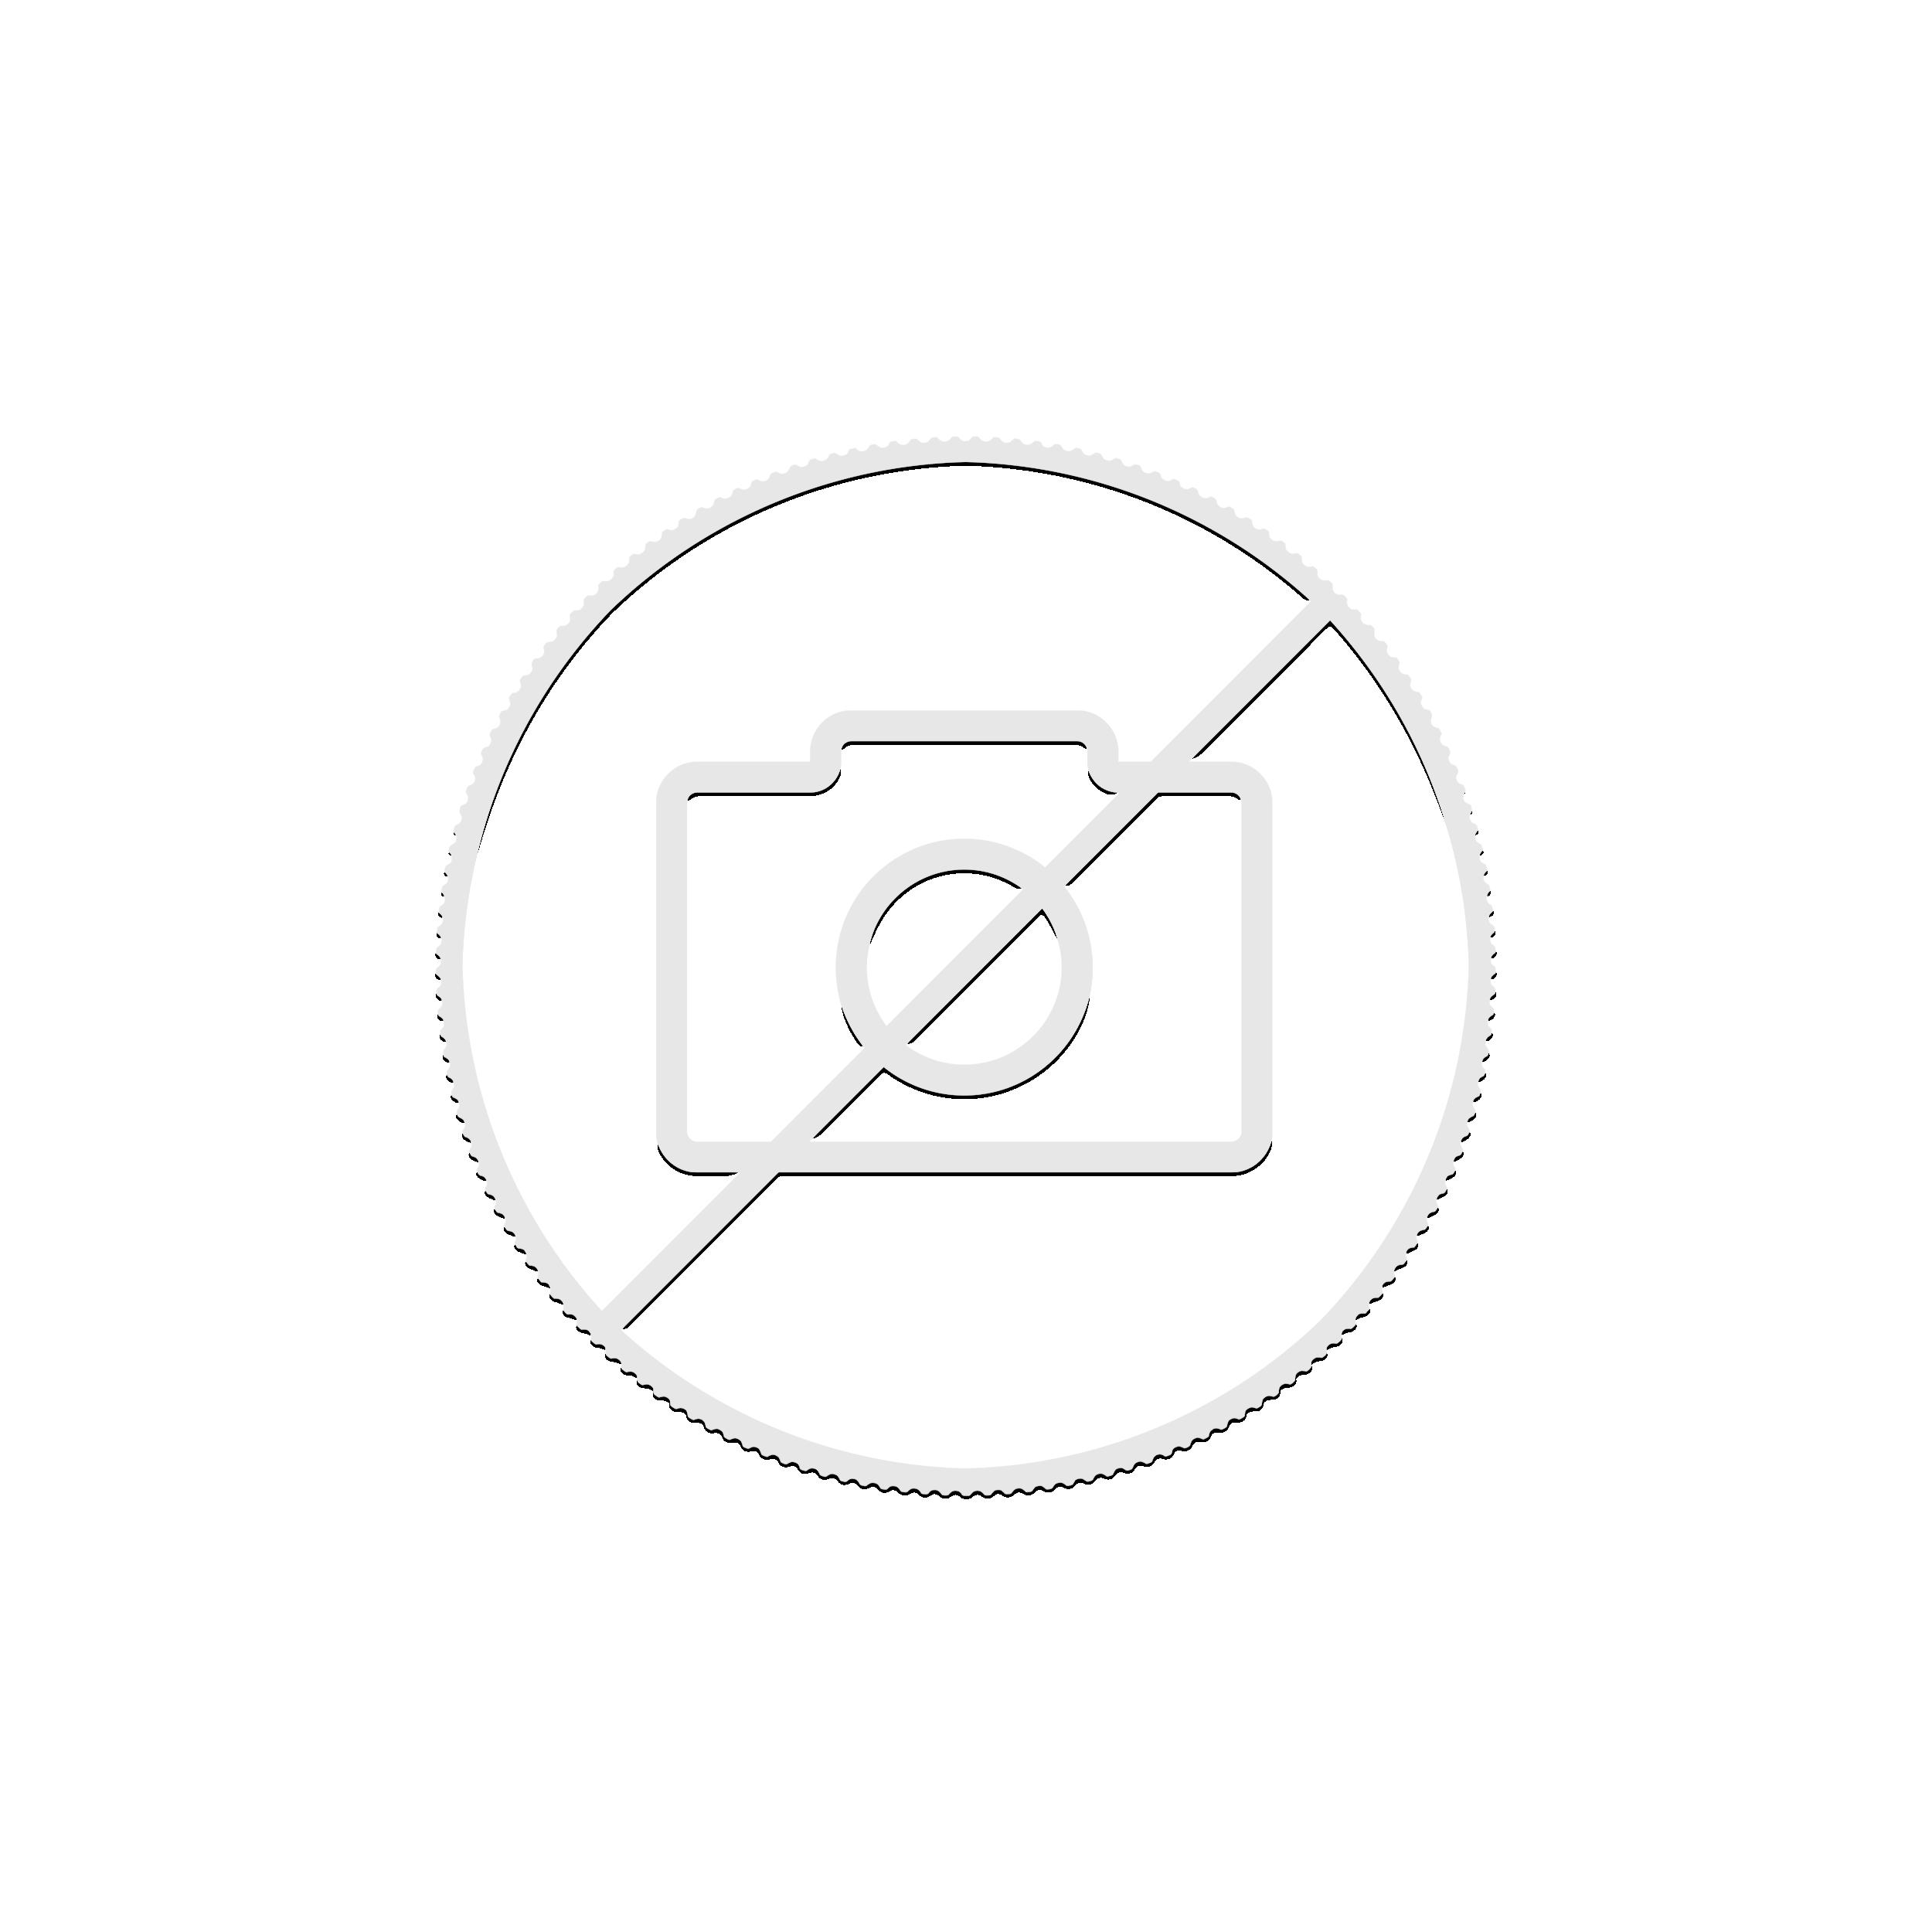 2 Troy ounce zilver Lunar munt 2017 - jaar van de haan